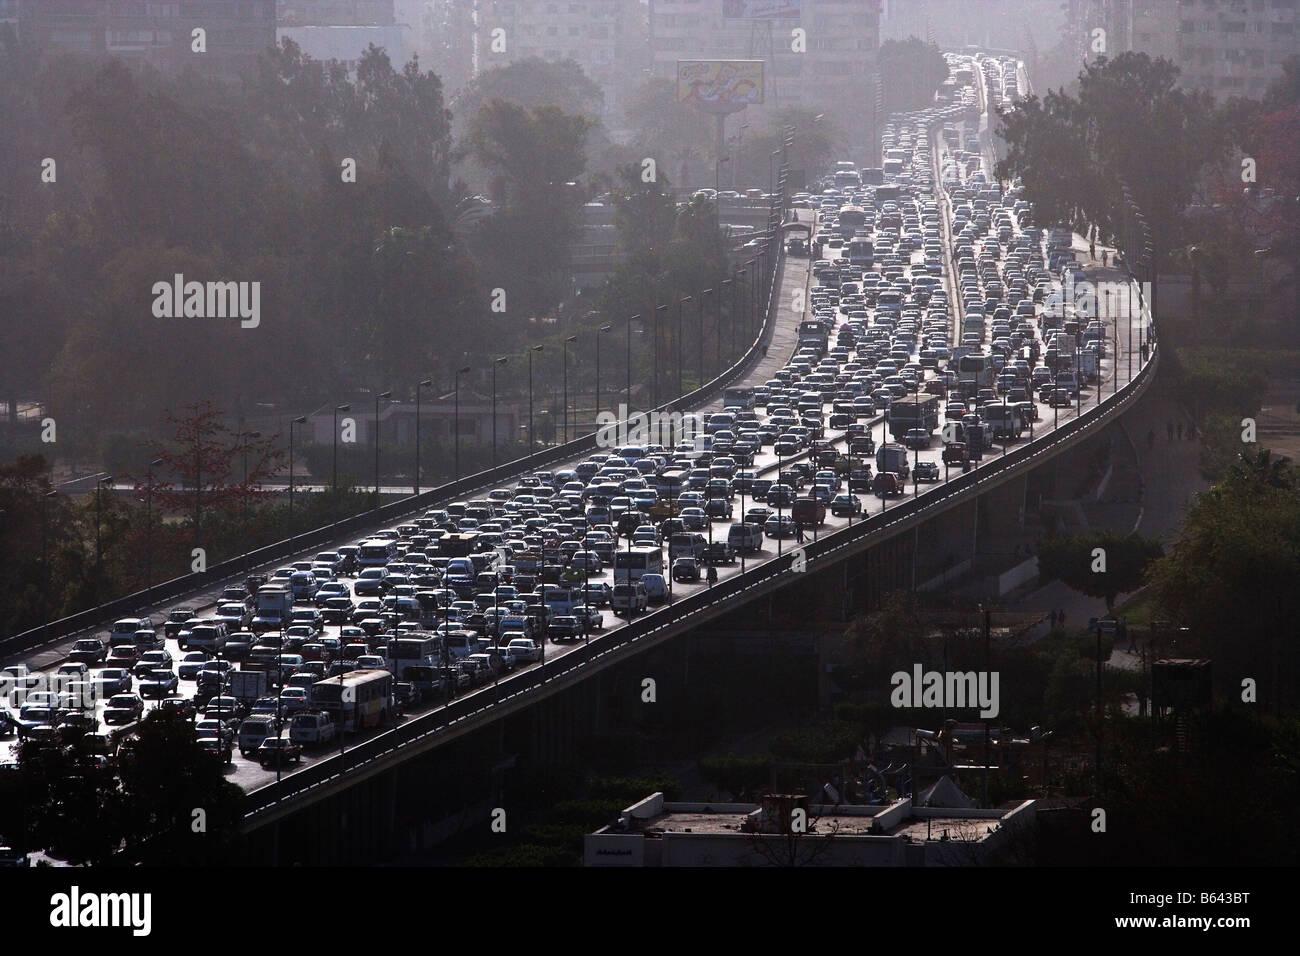 Egipto, El Cairo, atasco de tráfico. Imagen De Stock